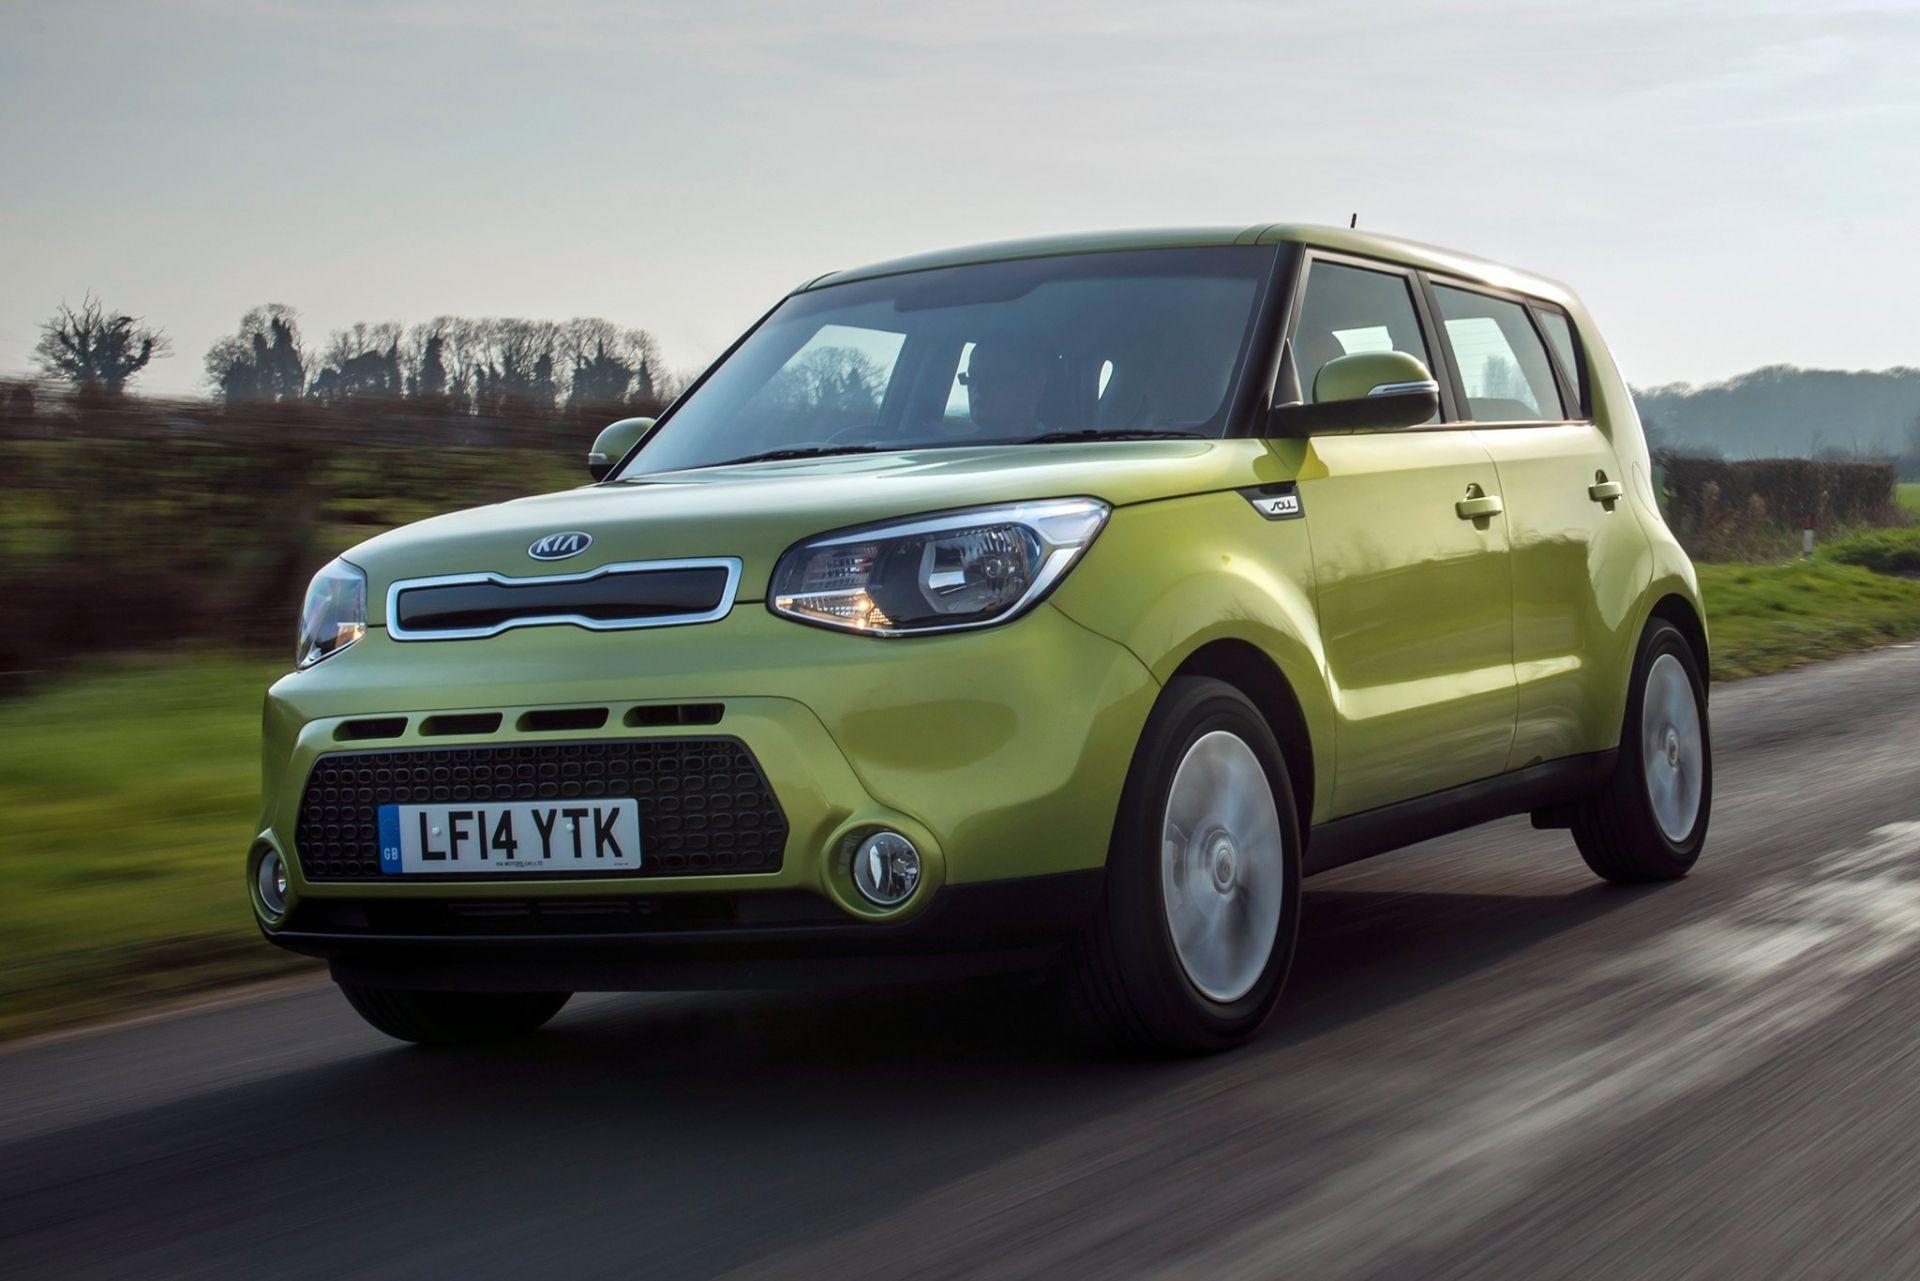 Названы лучшие автомобили для домохозяек до500 000 руб.